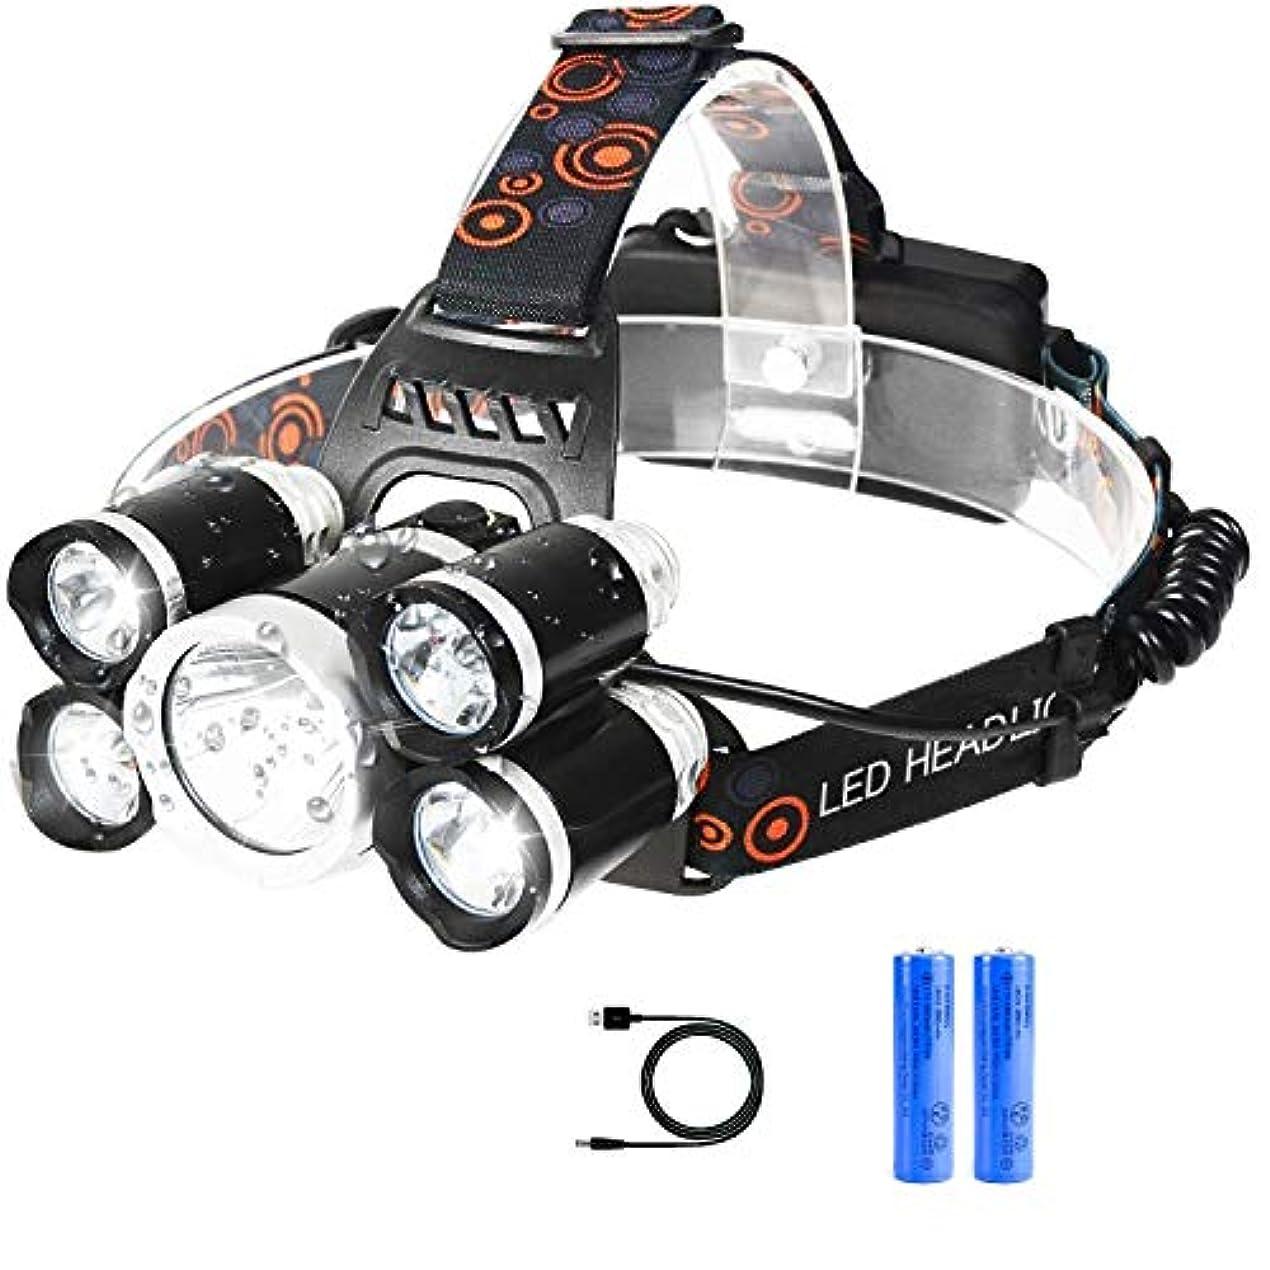 強風押し下げる埋めるRENYANG LED ヘッドライト充電式 アウトドア ヘッドランプ 防水 SOS機能 4種モード 徒歩 登山 釣り 防災 停電時用 高輝度 作業灯